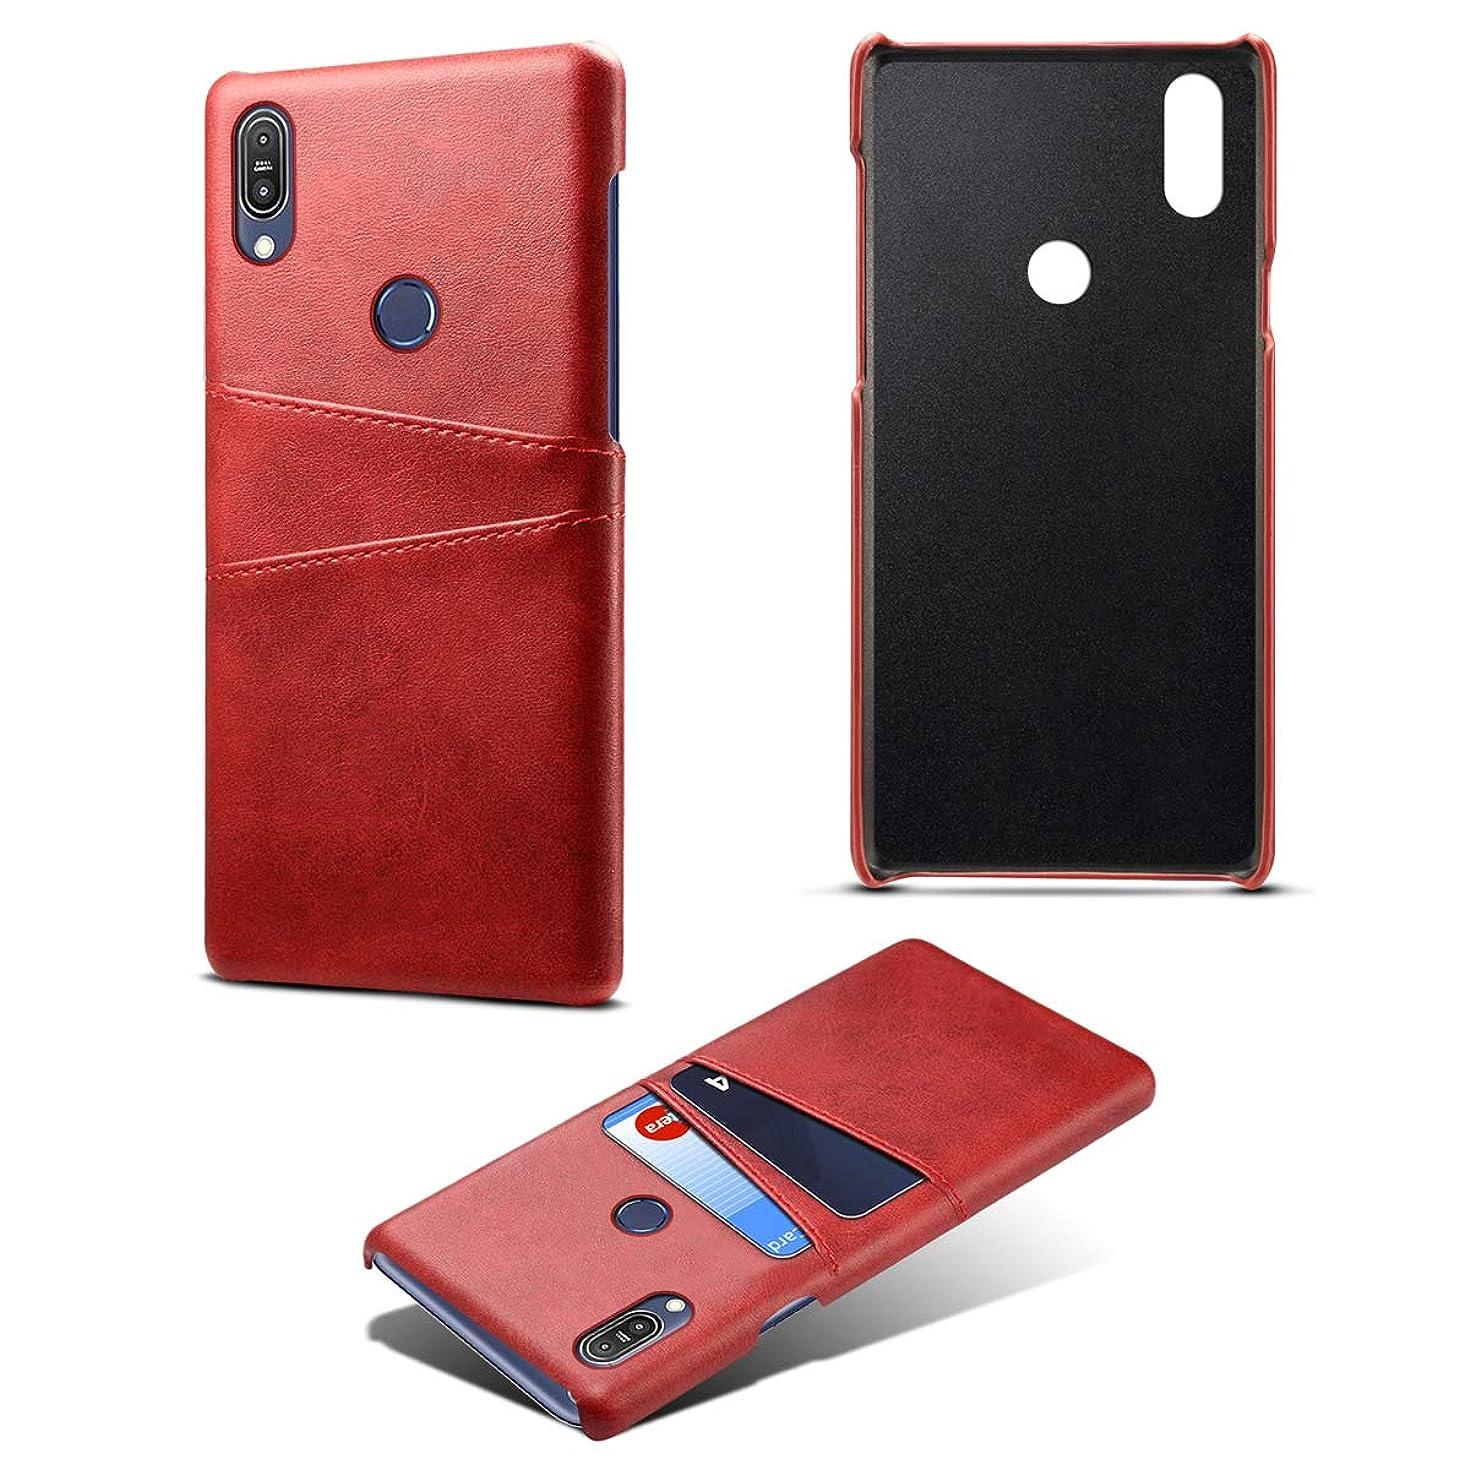 ベールヒゲ葡萄Asus Zenfone Max Pro (M1) ZB601KL ホルスター シェル フリップ, Moonmini カバー Suit プレミアム 垂直 レザー ポーチ スリーブ 携帯 シェル 男性 ?と カード スロット ホルスター の Asus Zenfone Max Pro (M1) ZB601KL (Red)